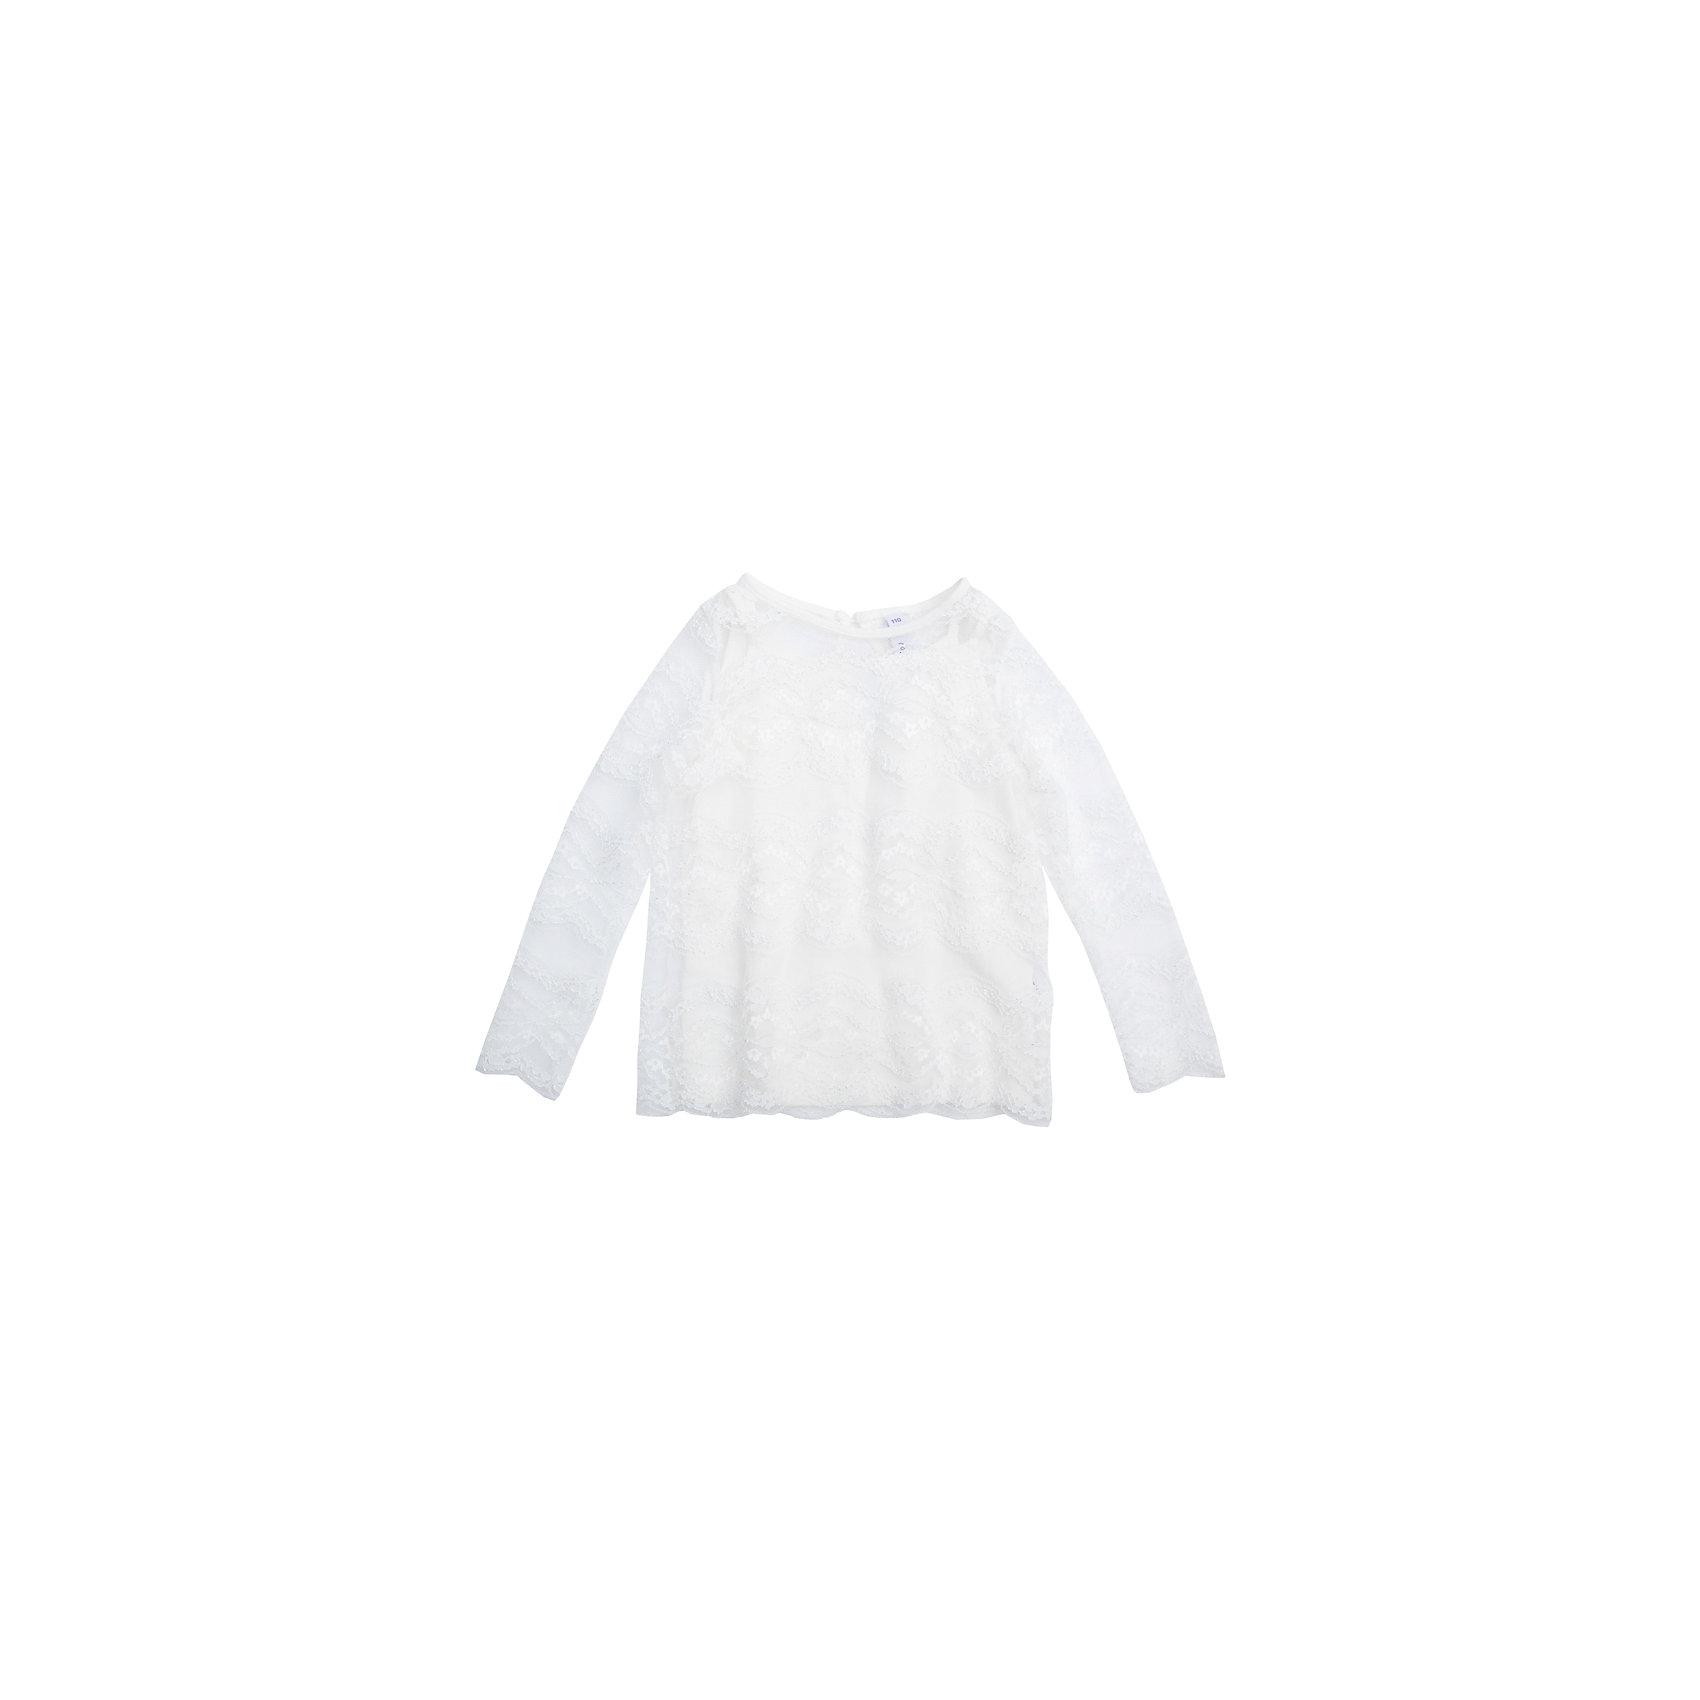 Блузка для девочки PlayTodayБлузка для девочки от известного бренда PlayToday.<br>Трикотажная блузка.<br><br>Модель состоит из двух изделий: топа и футболки с длинными рукавами. Верхний слой выполнен из ажурного эластичного гипюра, нижний – из мягкого хлопка. Стильные рукава 3/4. Застегивается на пуговицу на спине.<br>Состав:<br>Верх: 100% полиамид, подкладка: 95% хлопок, 5% эластан<br><br>Ширина мм: 186<br>Глубина мм: 87<br>Высота мм: 198<br>Вес г: 197<br>Цвет: белый<br>Возраст от месяцев: 84<br>Возраст до месяцев: 96<br>Пол: Женский<br>Возраст: Детский<br>Размер: 128,122,116,110,104,98<br>SKU: 5113912